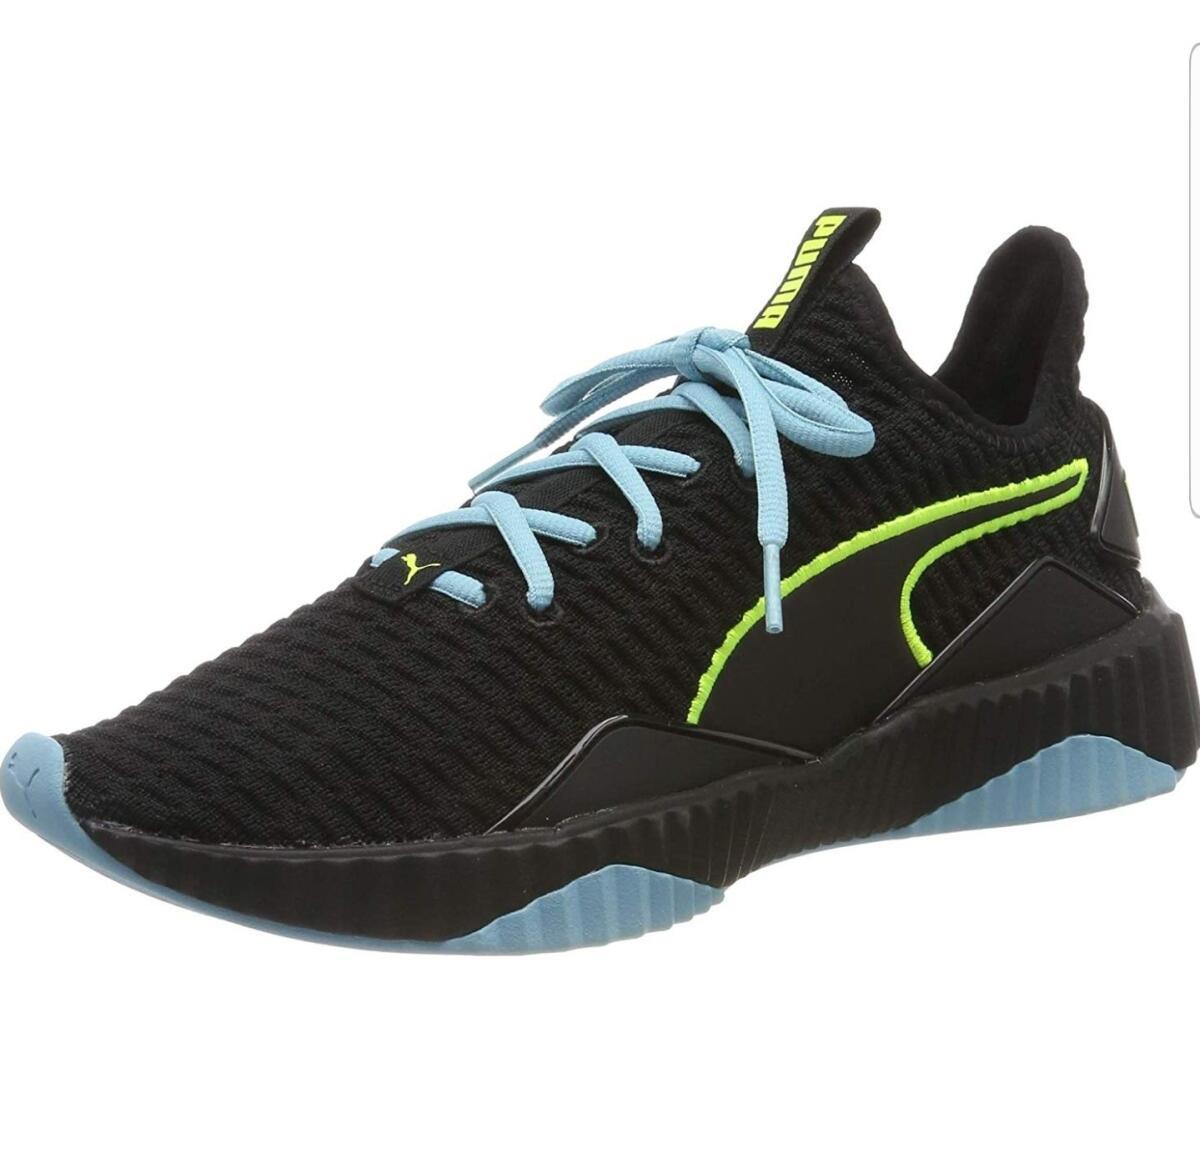 PUMA Defy Wn's, Zapatillas Deportivas para Interior para Mujer talla 40.5.